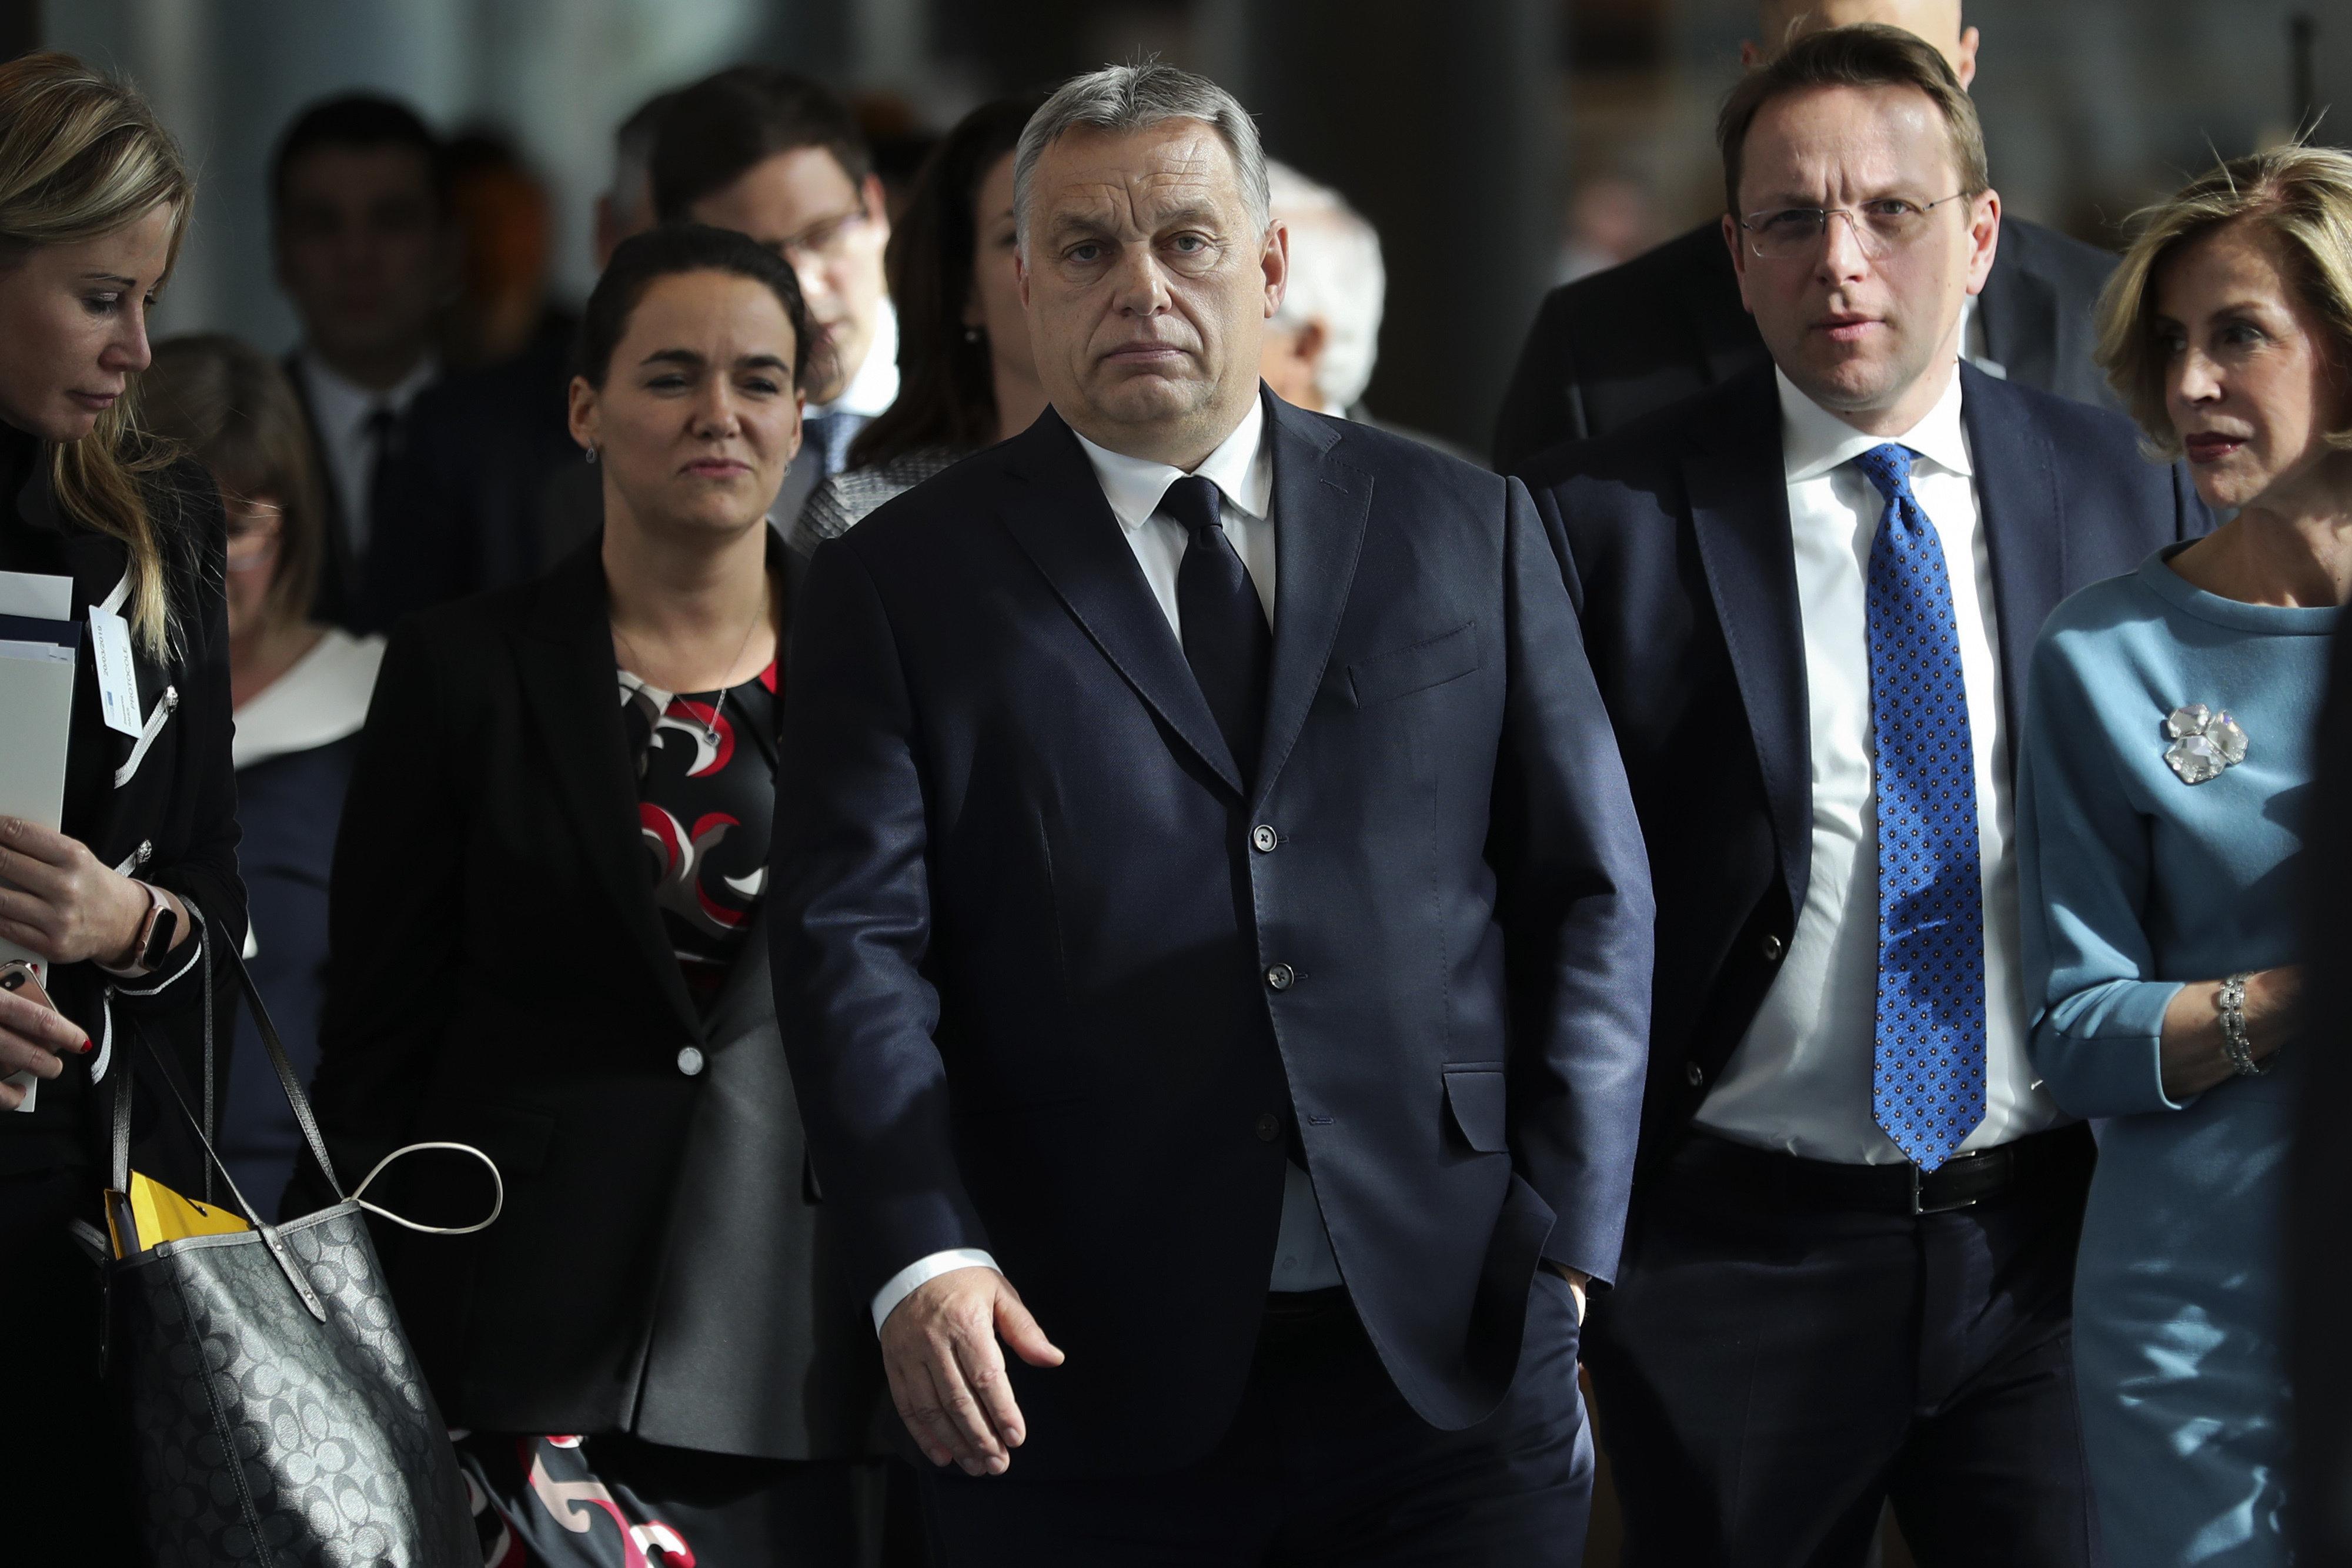 EVP setzt Fidesz-Mitgliedschaft aus – Kritik von SPD und